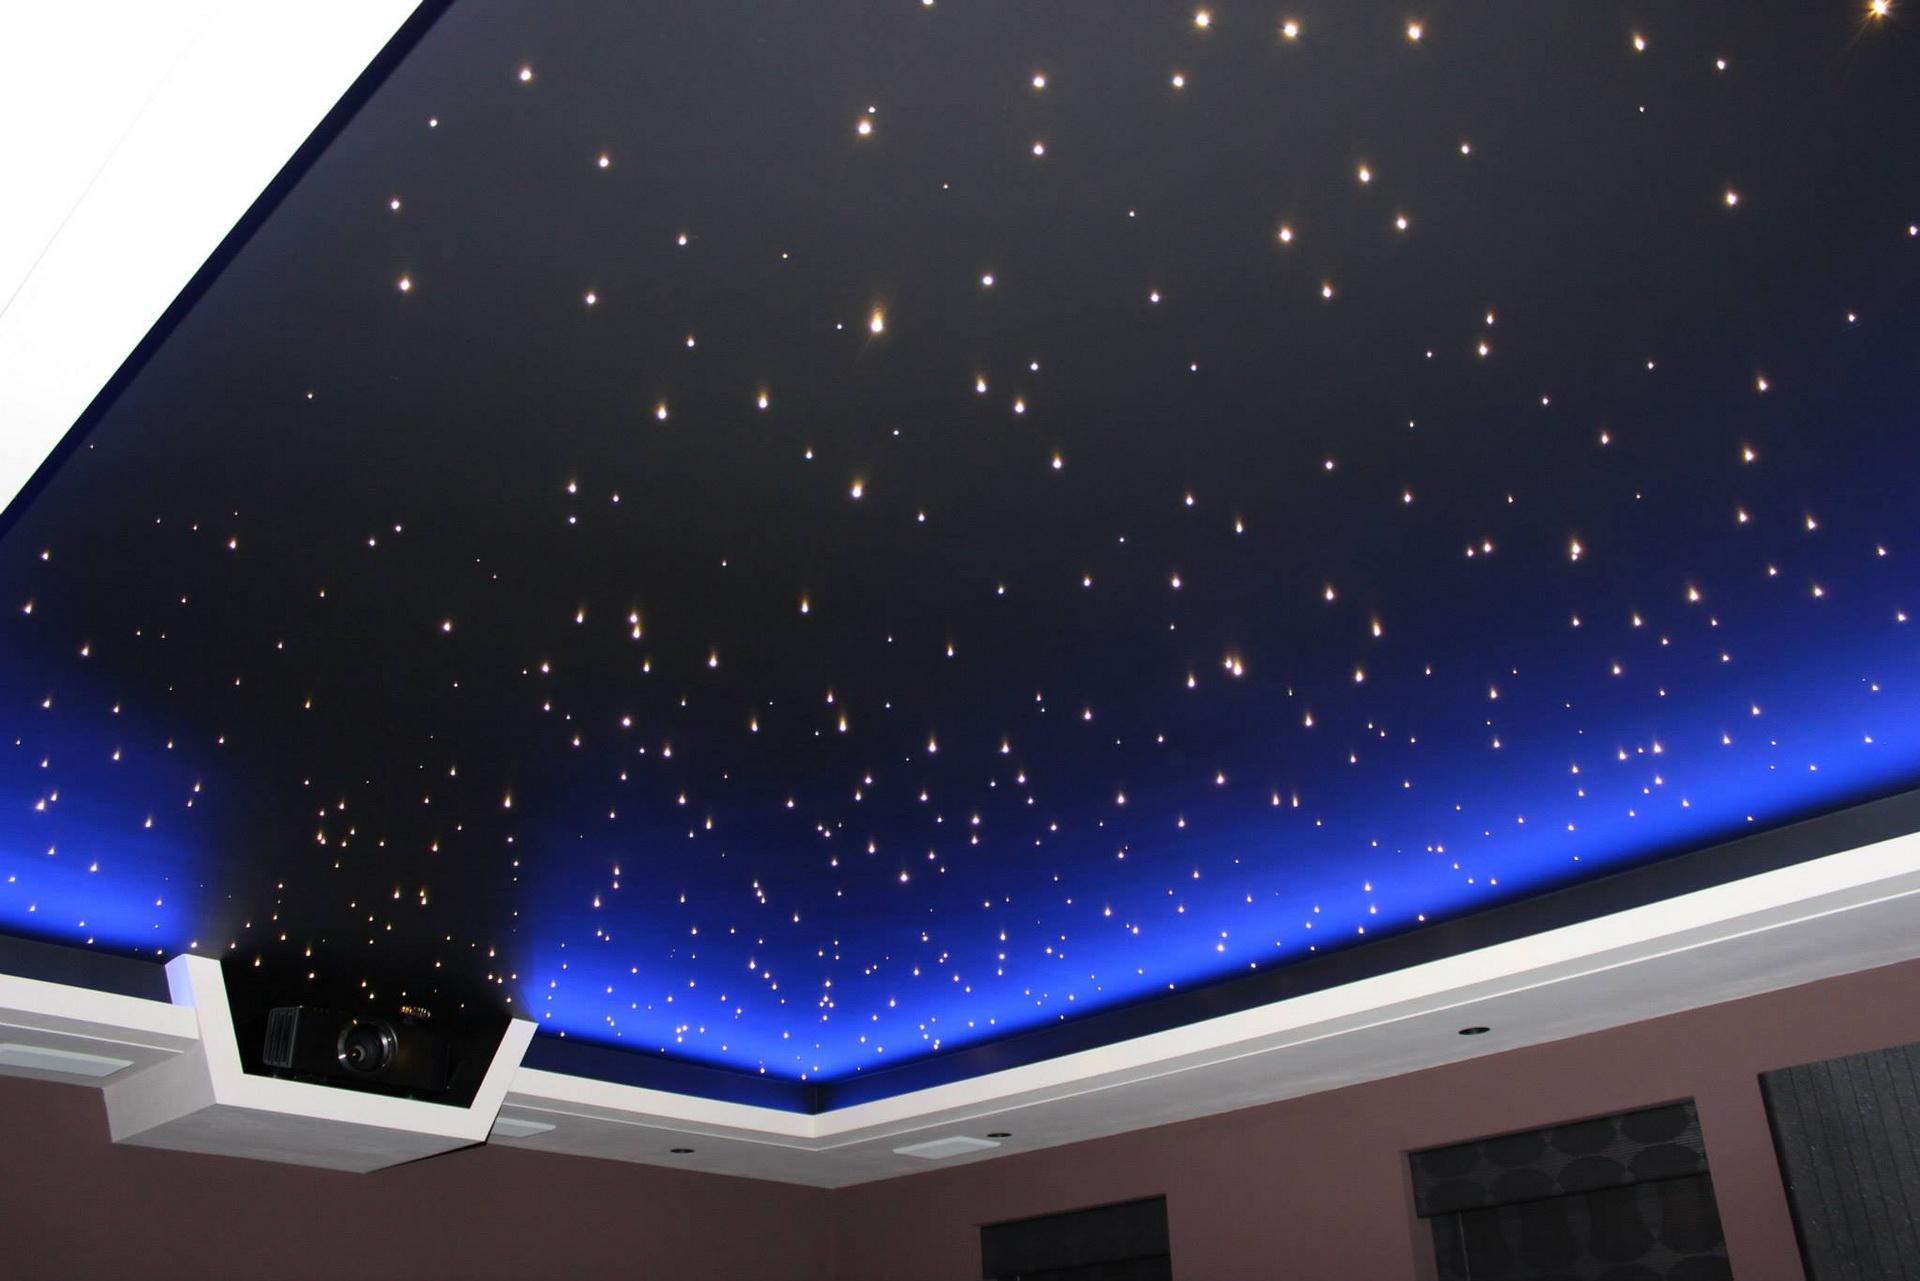 led-star-lights-ceiling-photo-6 Erstaunlich Sternenhimmel An Der Decke Dekorationen